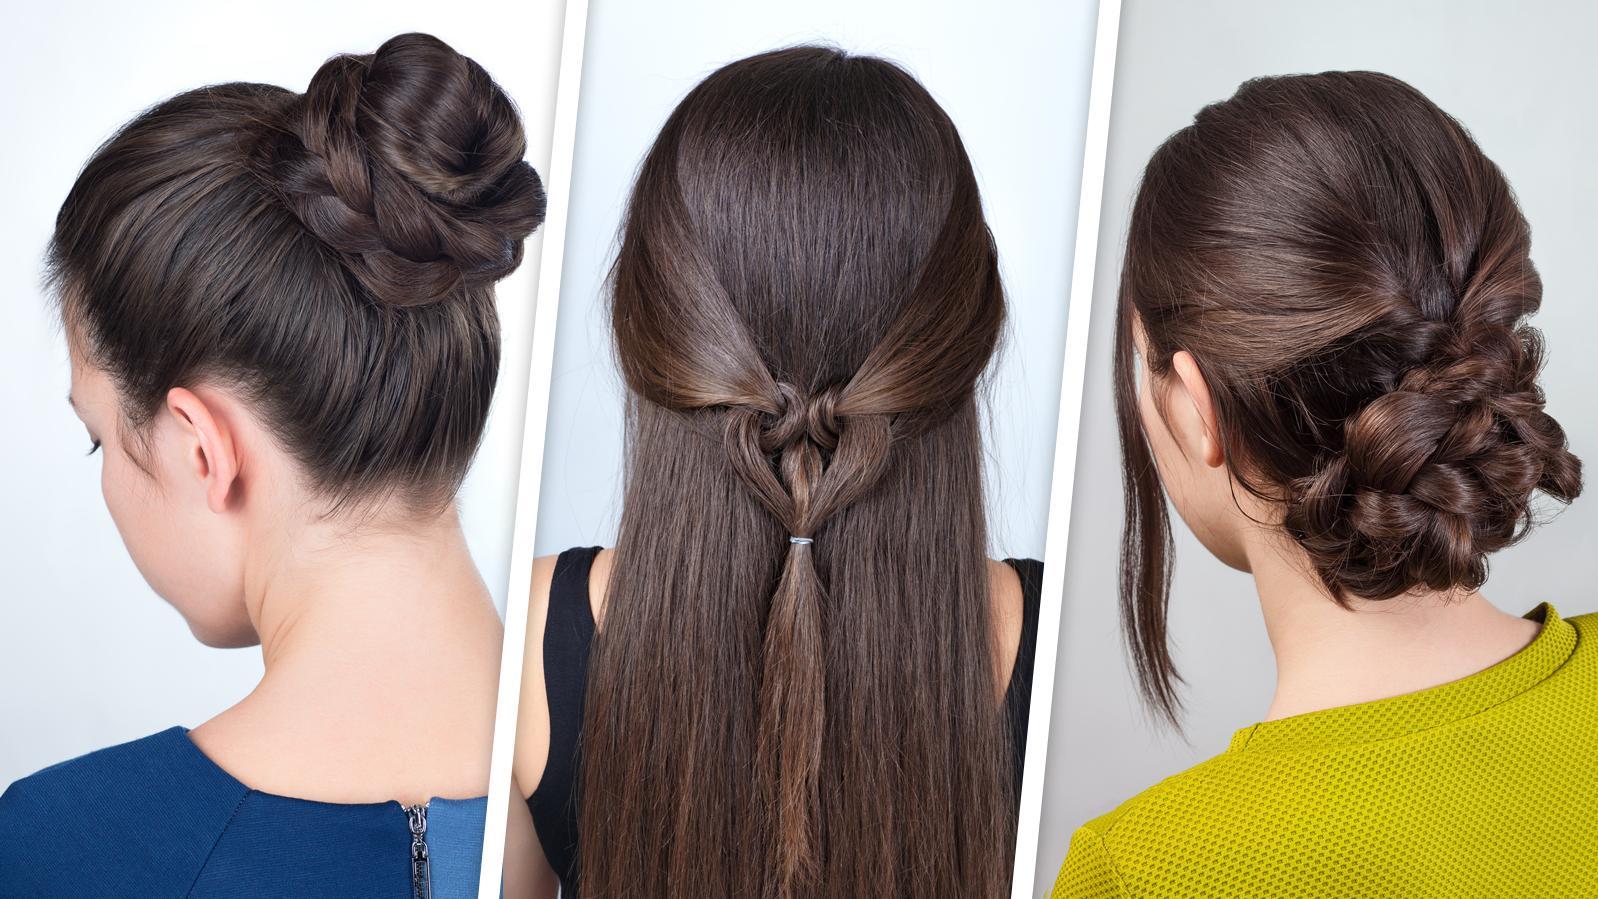 Diese Frisuren können Sie ganz einfach nachmachen!